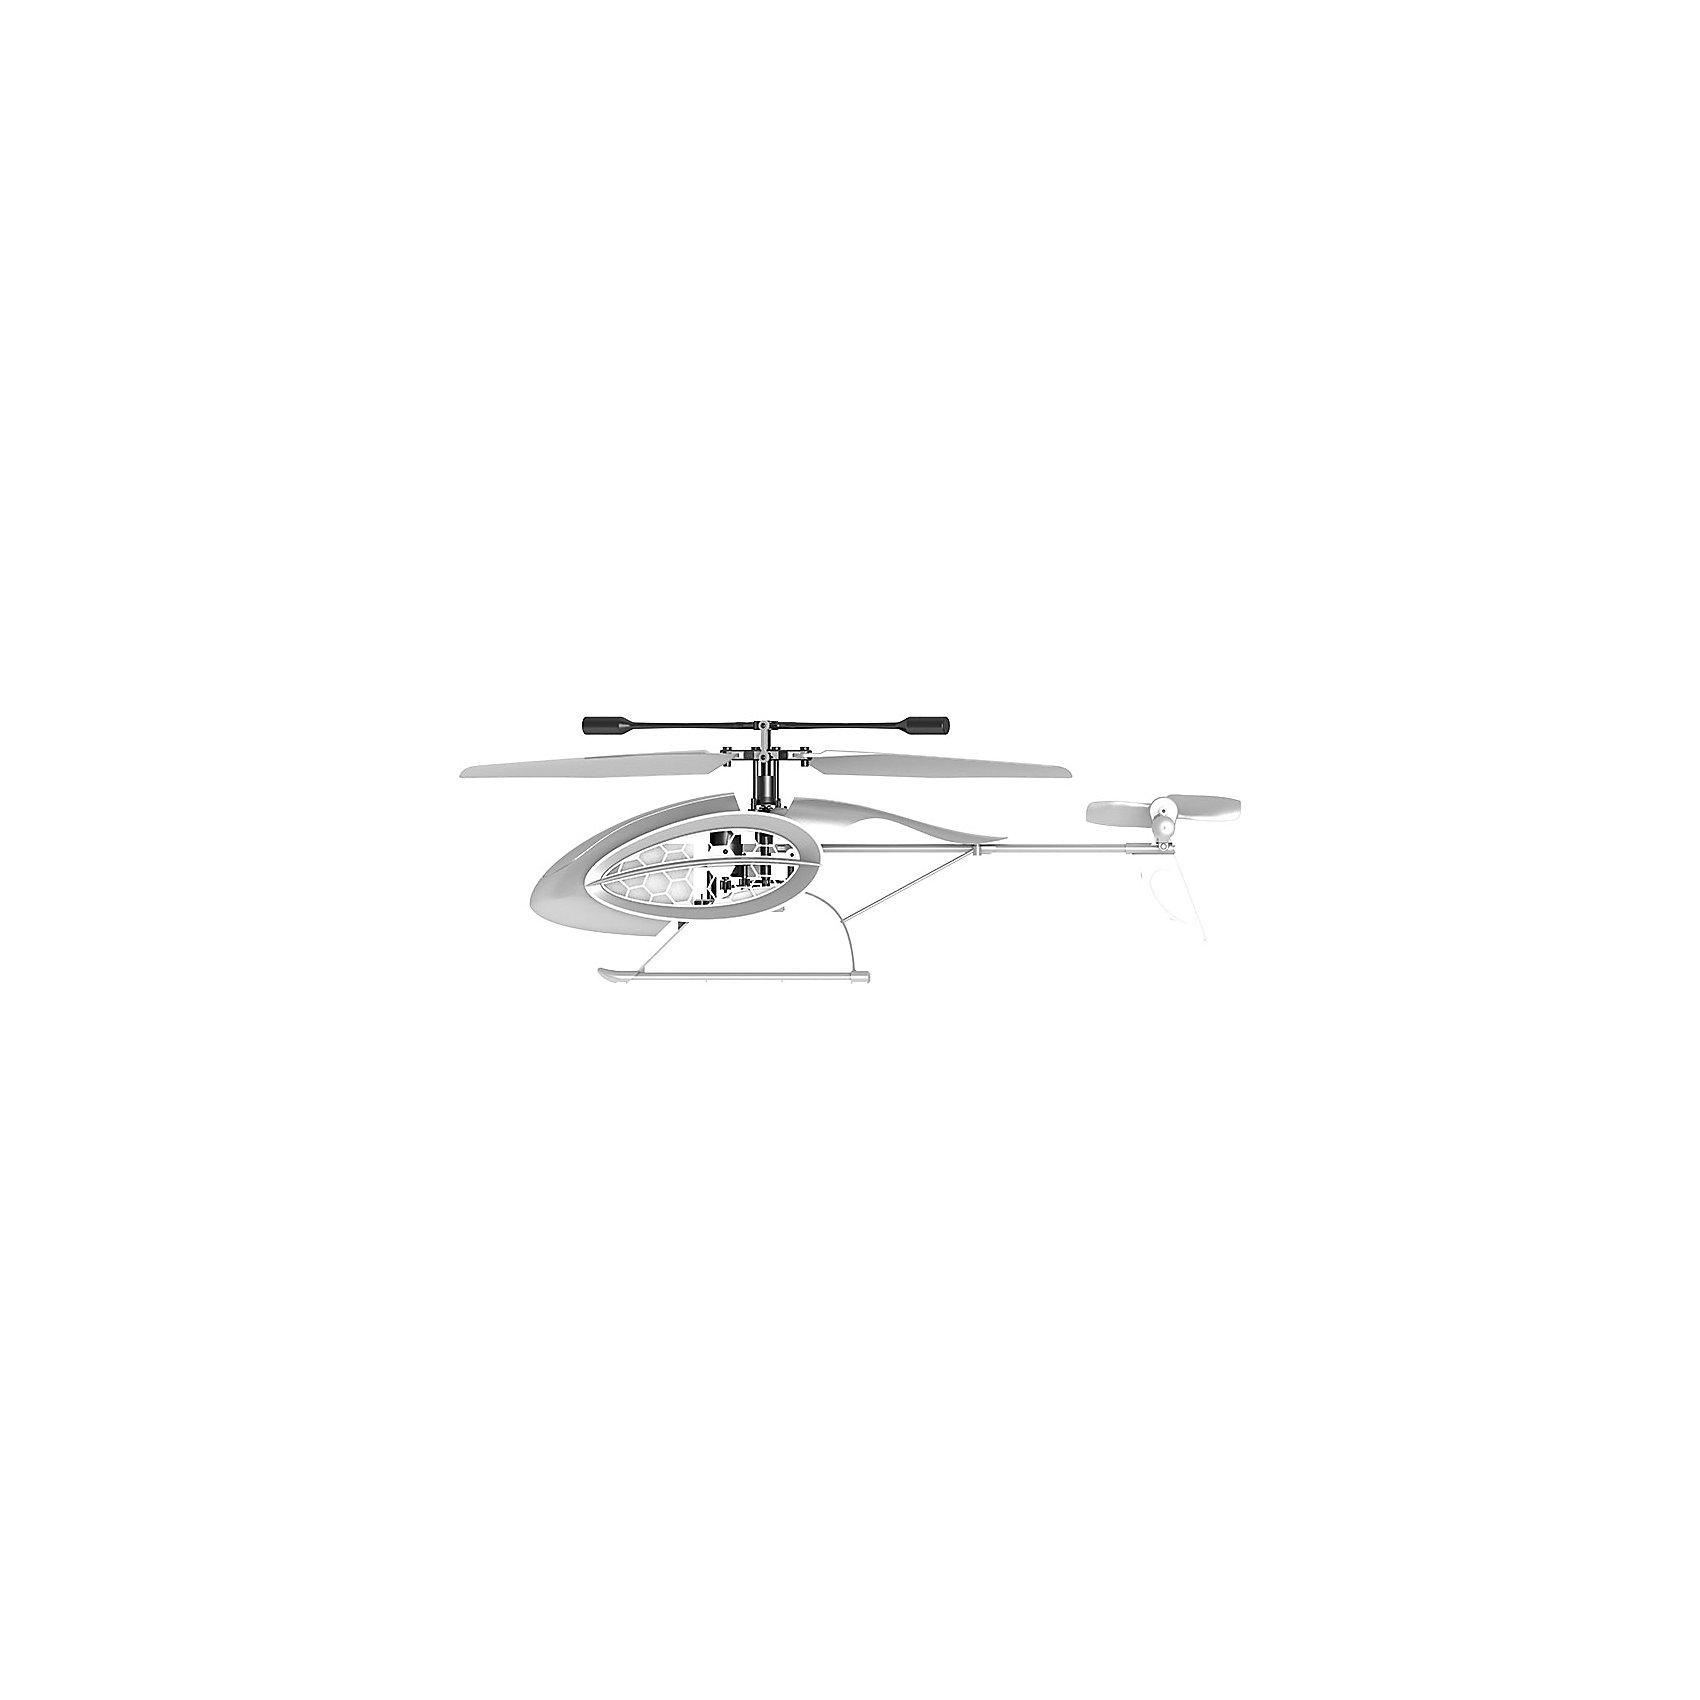 Вертолет 4-х канальный Феникс ИК, SilverlitСамолёты и вертолёты<br>Вертолет 4-х канальный Феникс ИК, Silverlit.<br><br>Характеристики:<br><br>- Комплектация: вертолёт, четырёхканальный пульт управления, инструкция, 2 запасных винта, USB-шнур для зарядки<br>- Батарейки для пульта д/у: 4 х ААА (не входят в комплект)<br>- Материал: пластик, металл<br>- Длина игрушки: 25 см.<br>- Количество каналов: 4<br>- Время зарядки: 30 минут<br>- Упаковка: картонная коробка блистерного типа<br>- Размер упаковки: 30 х 8 х 33 см.<br><br>4-х канальный вертолет Феникс ИК – это серебристая модель с LED-подсветкой, выполненная с четкими линиями, без излишних дополнений. Система стабилизации со встроенным гироскопом позволяет взлетать медленно и плавно и выравнивать вертолет в полете, когда он наклонится. Вертолёт летает вперёд, назад, вверх, вниз, вокруг своей оси и даже боком. В воздухе вертолет держится устойчиво и легко управляется. Поднимать вертолет можно на рассчитанную высоту и выполнять полет в закрытом помещении, пролетать под домашней мебелью и взмывать под самый потолок. Вертолёт умеет взлетать и заходить на посадку в автоматическом режиме, функция доступна благодаря встроенным сенсорам. Продукция сертифицирована, экологически безопасна для ребенка, использованные красители не токсичны и гипоаллергенны.<br><br>Вертолет 4-х канальный Феникс ИК, Silverlit можно купить в нашем интернет-магазине.<br><br>Ширина мм: 89<br>Глубина мм: 305<br>Высота мм: 356<br>Вес г: 500<br>Возраст от месяцев: 36<br>Возраст до месяцев: 2147483647<br>Пол: Унисекс<br>Возраст: Детский<br>SKU: 5059839